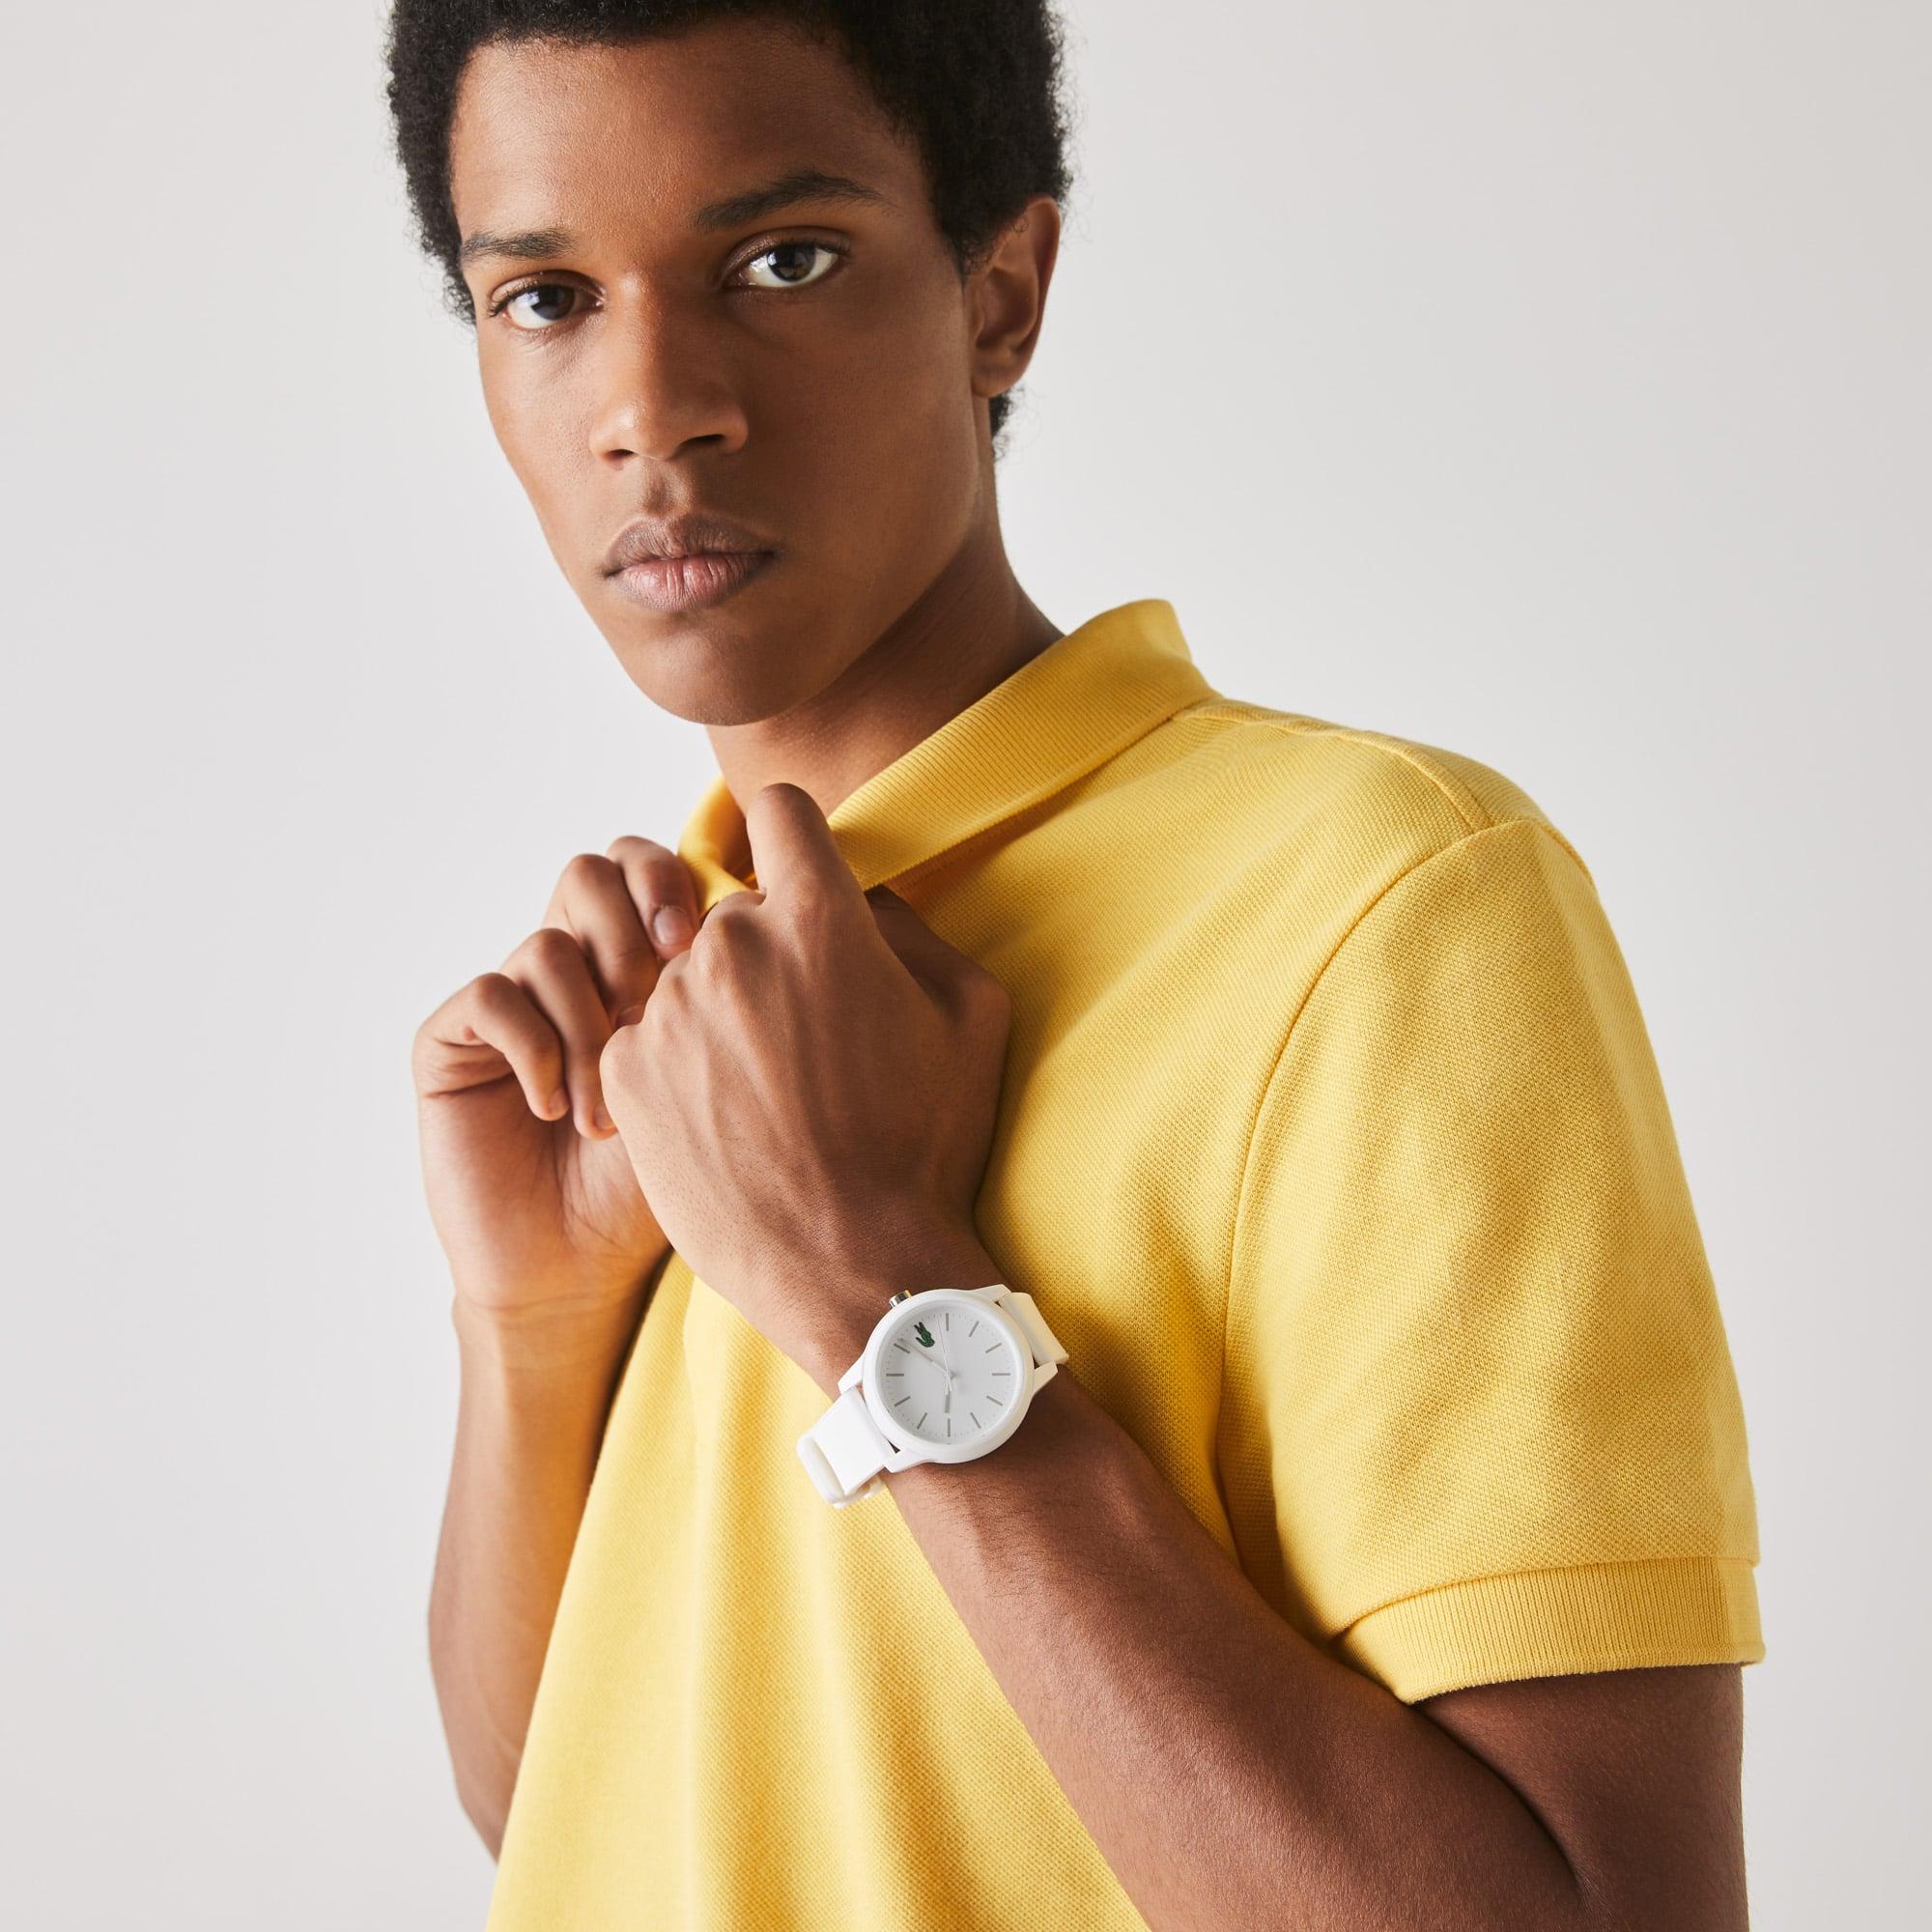 0e0ffa1a9e5b2 Montre Homme Lacoste 12.12 3 aiguilles avec Bracelet Silicone Blanc